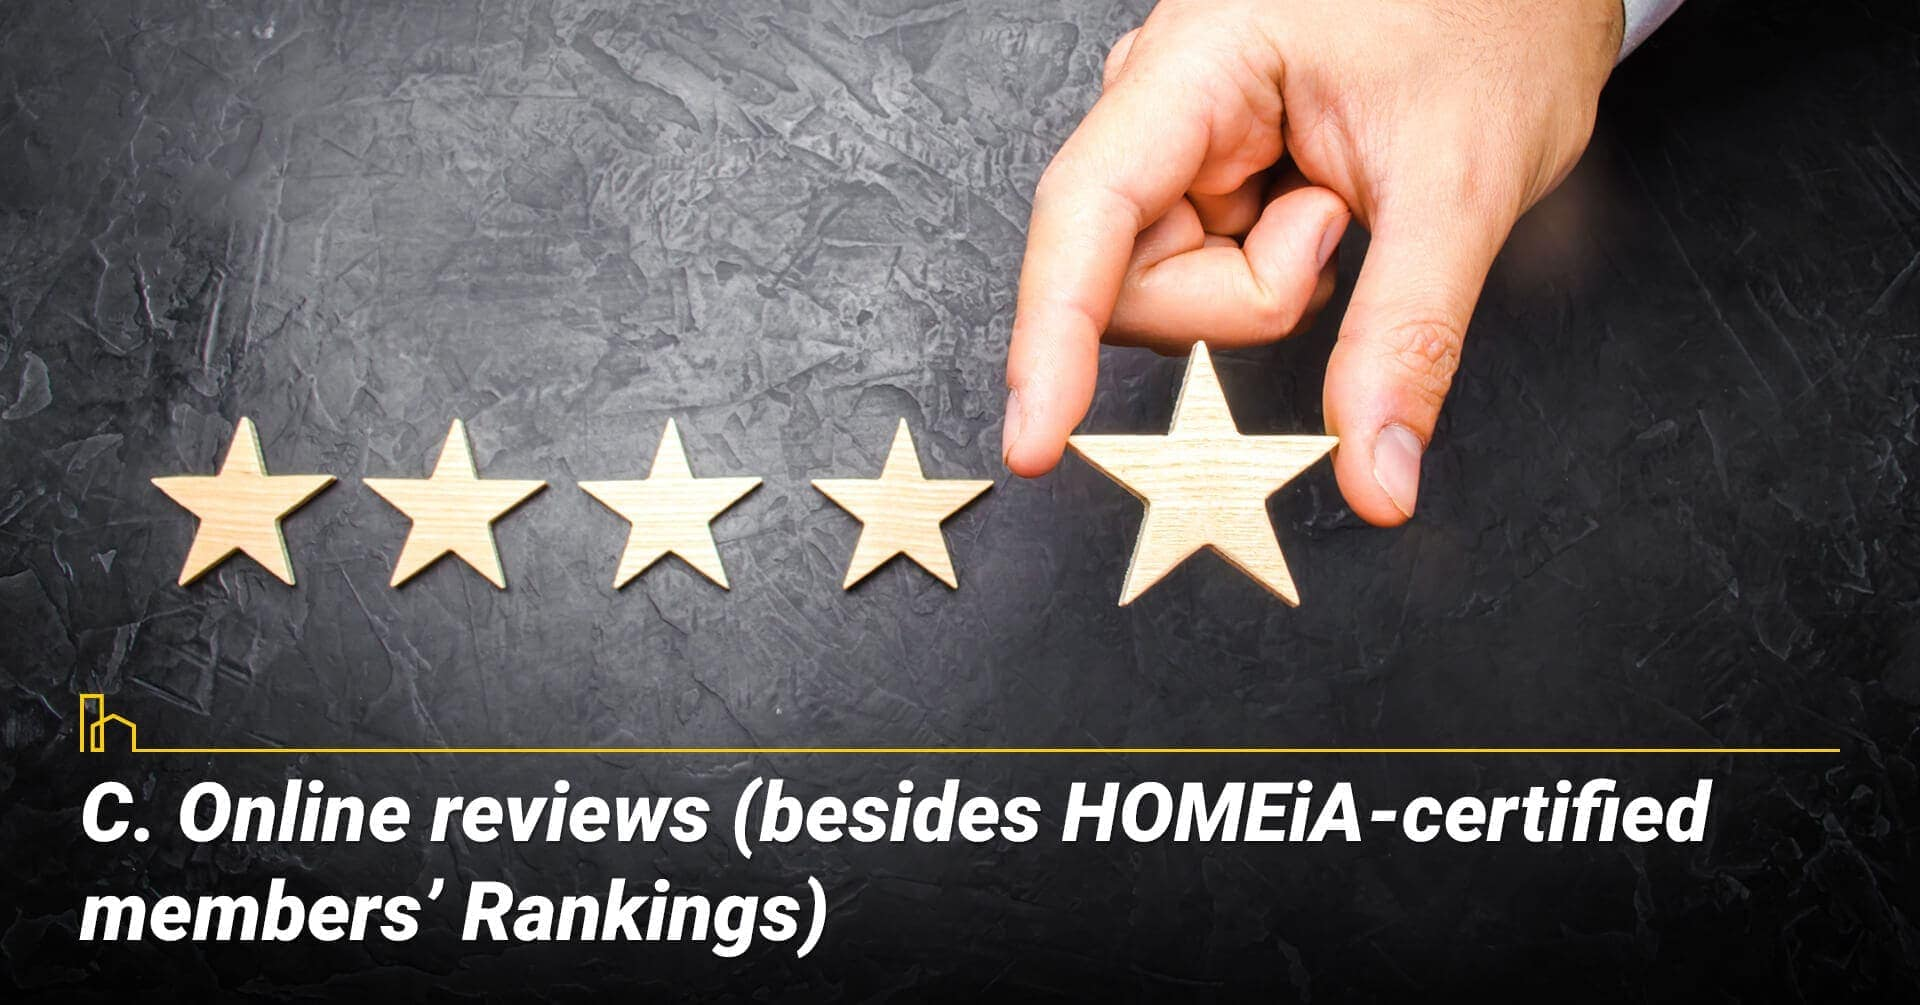 Online reviews (besides HOMEiA-certified members' Rankings)